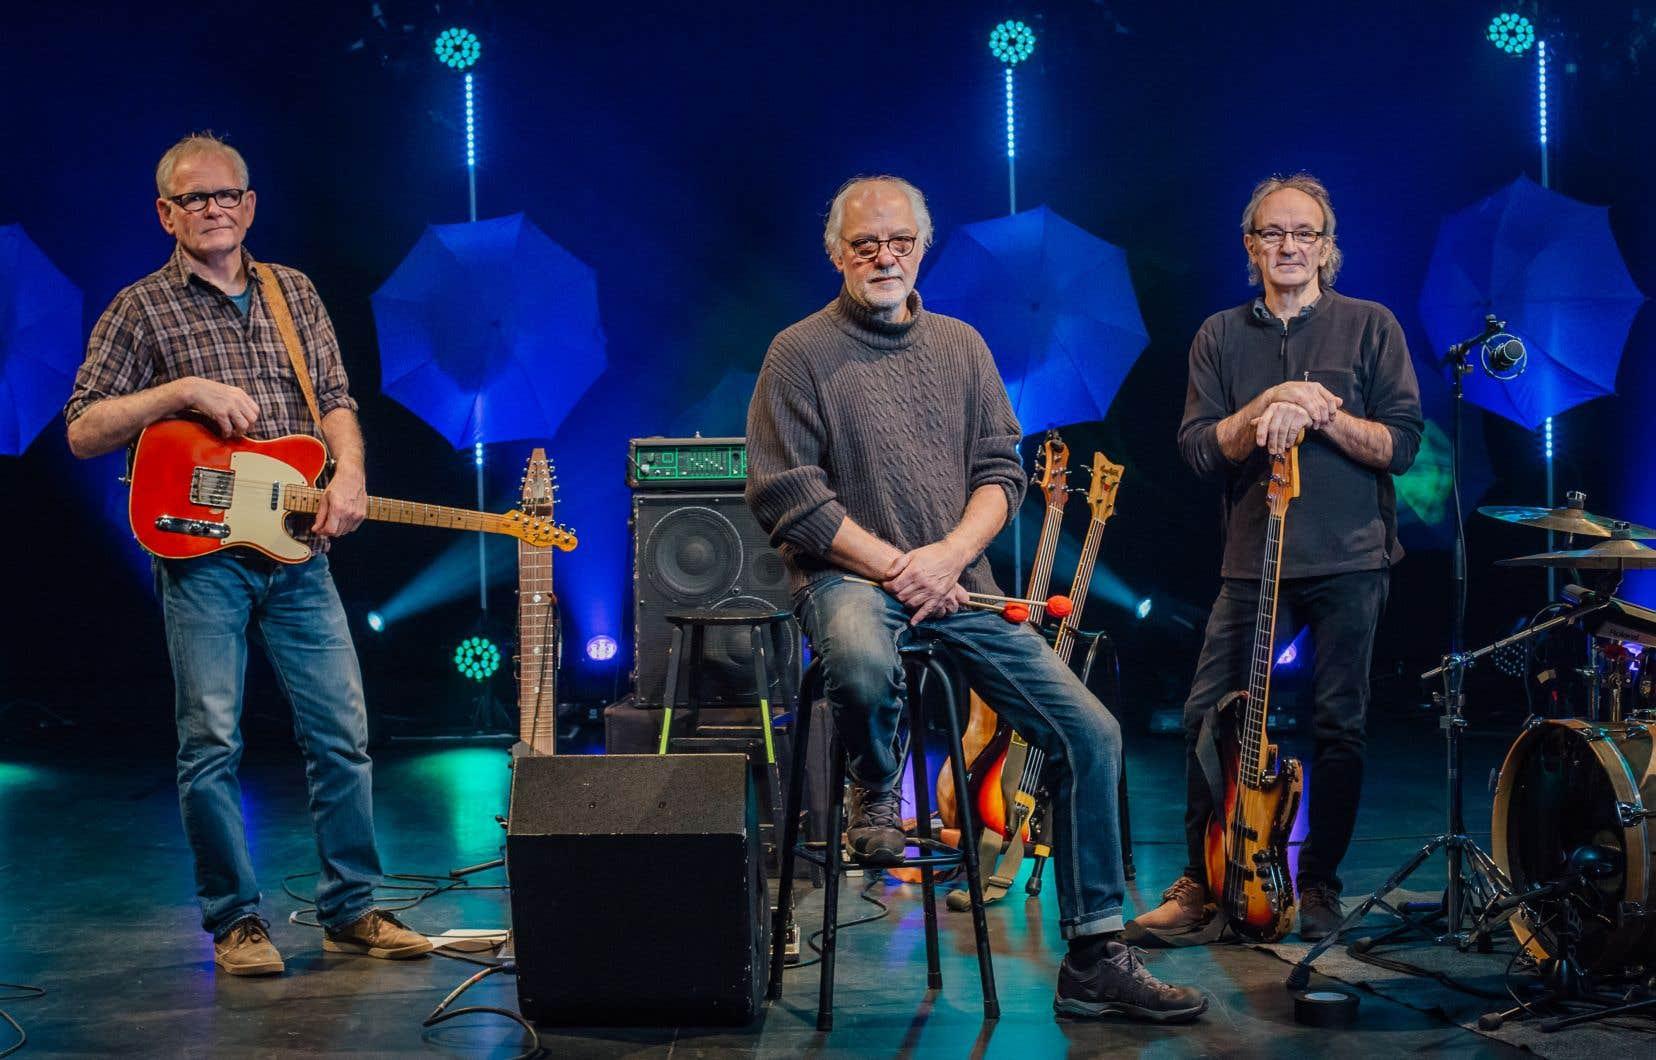 Le Magneto  Trio, composé  de Mario Légaré,  de Rick Haworth et de Sylvain  Clavette, était en répétition au  Théâtre des Deux Rives de Saint-Jean-sur-Richelieu, où il est actuellement  en résidence.